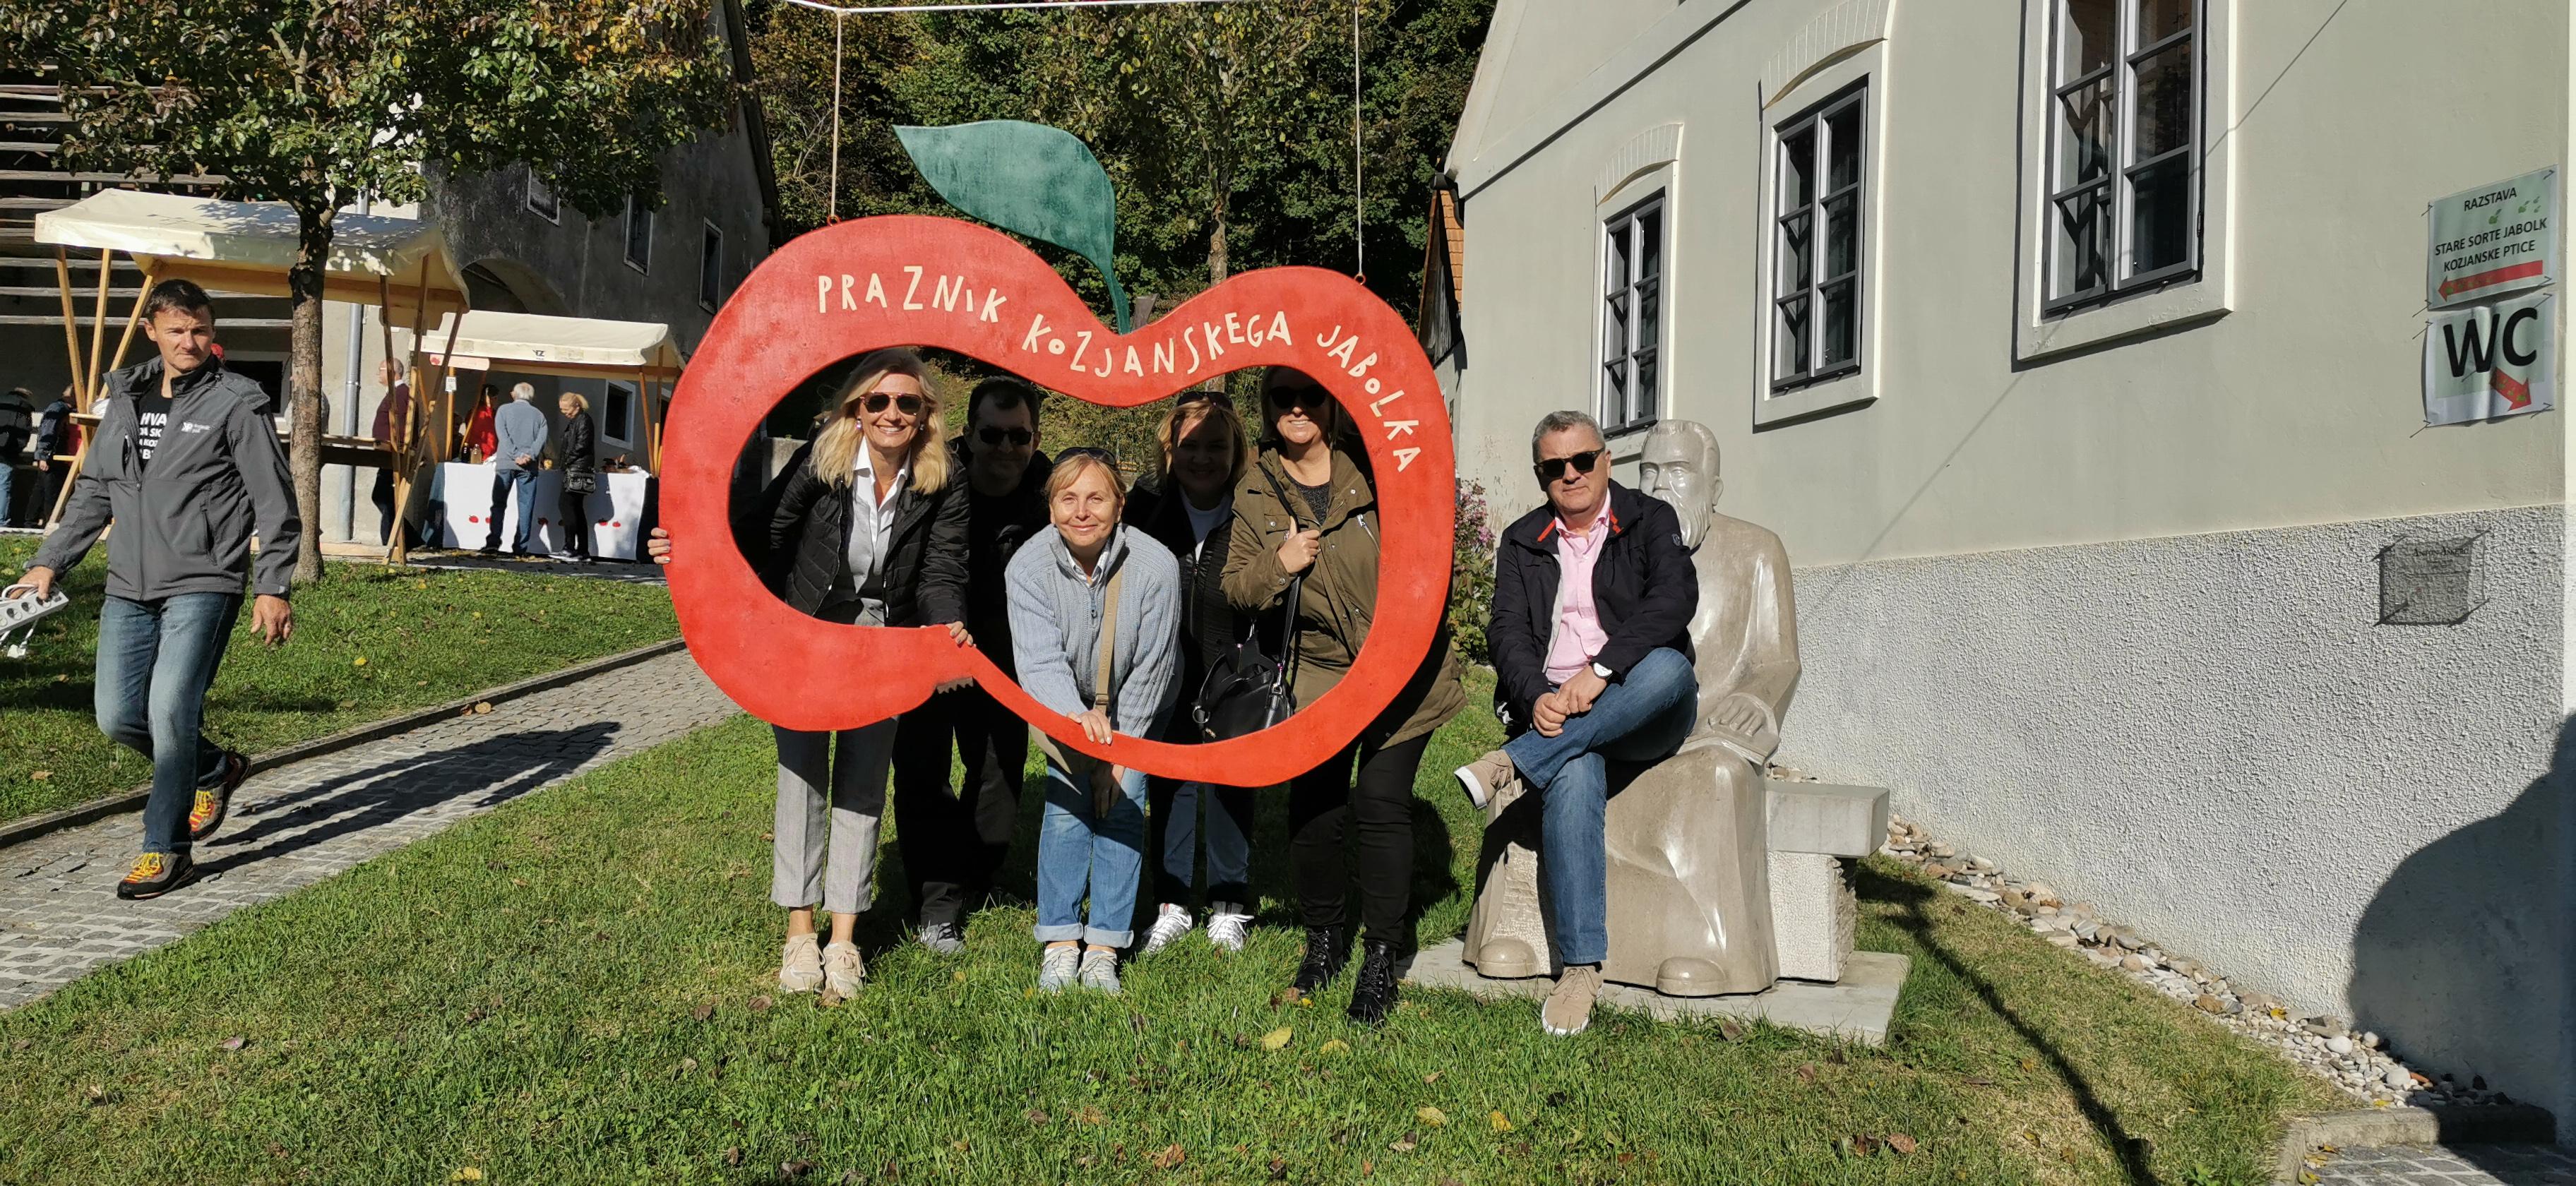 kozjanski-park-sajam-slika-andrejamilas